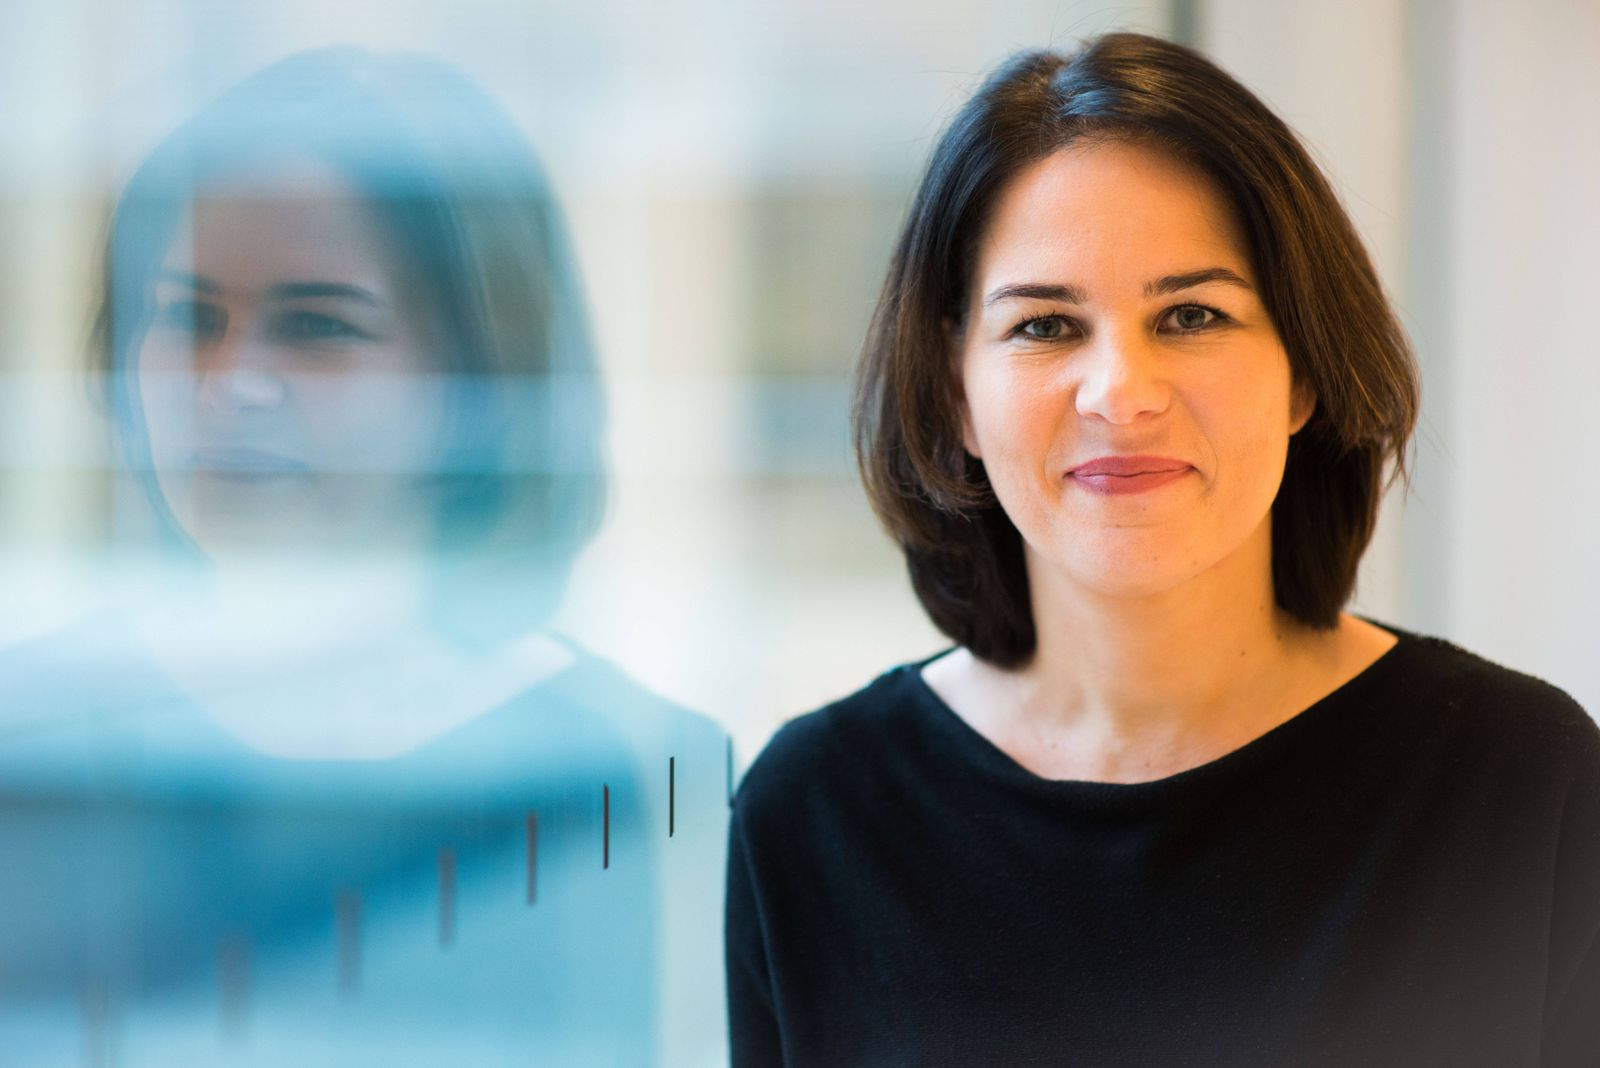 Annalena Baerbock im Interview / Portrait Bundesvorsitzende der GRÜNEN, Annalena Baerbock, anlässlich eines Interviews